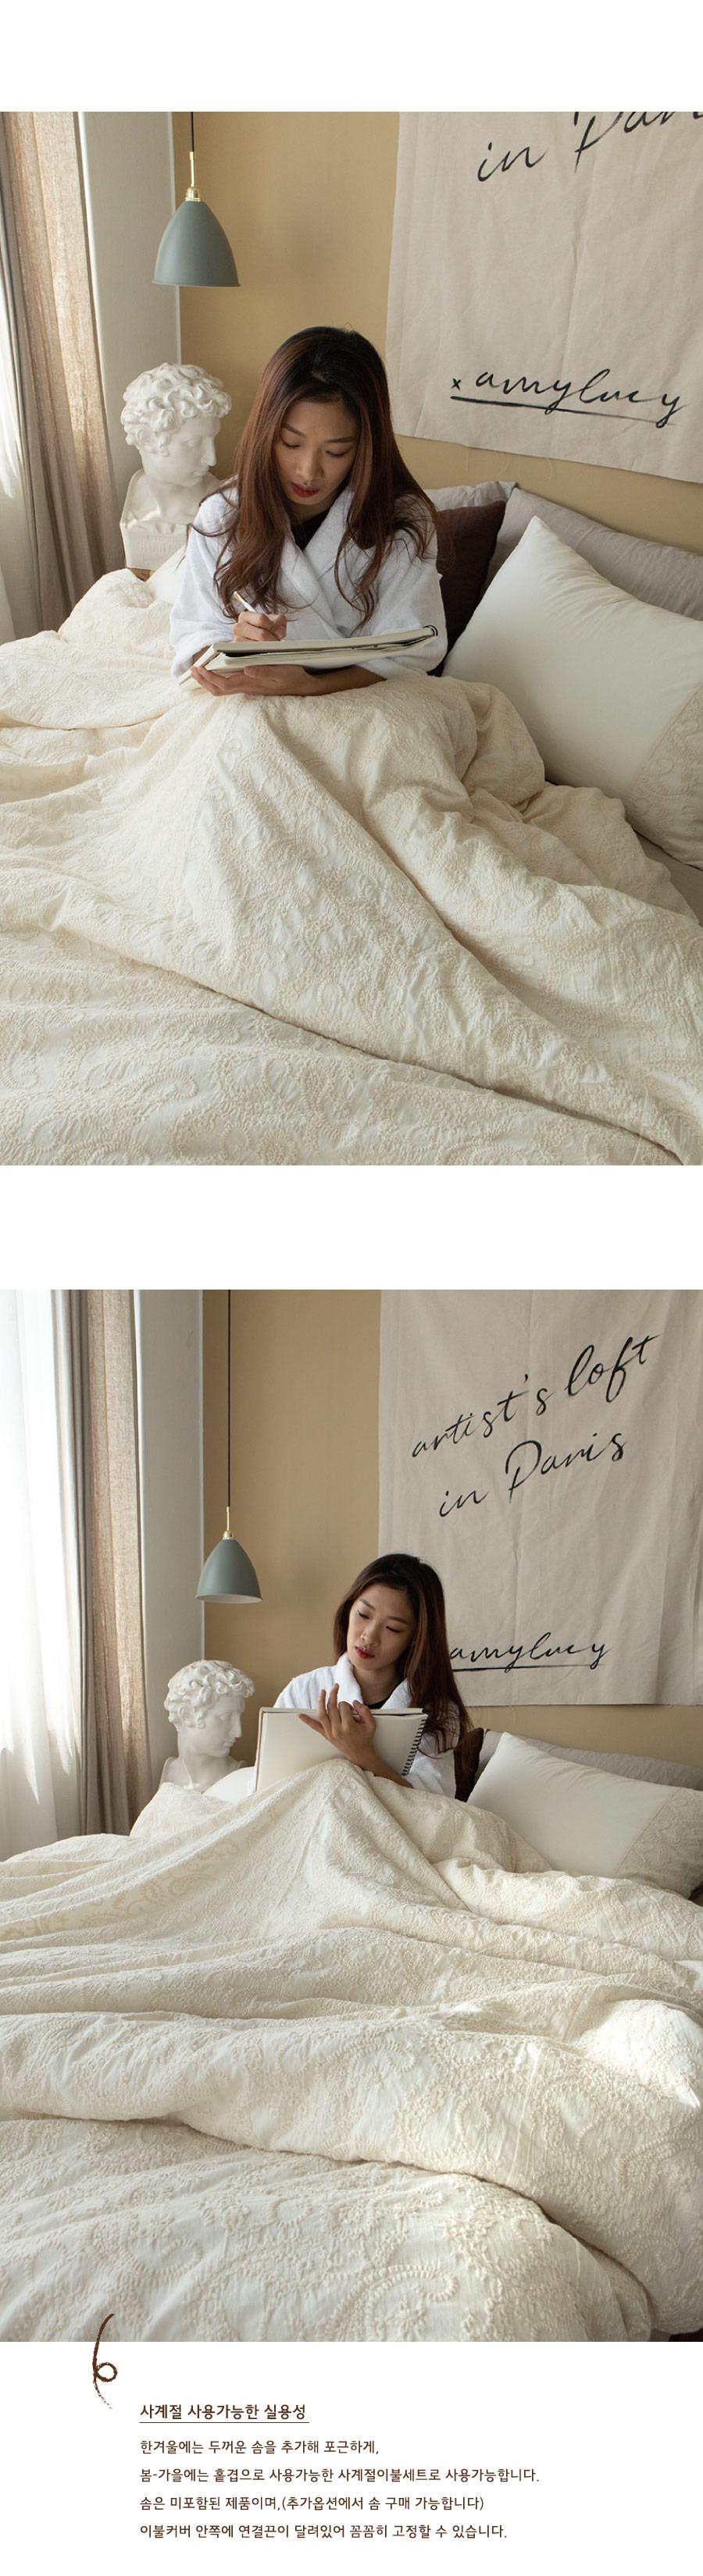 웨딩임페리얼 이불세트 디자인침구 Q - 에이미루시, 179,000원, 퀸/킹침구세트, 호텔식 침구